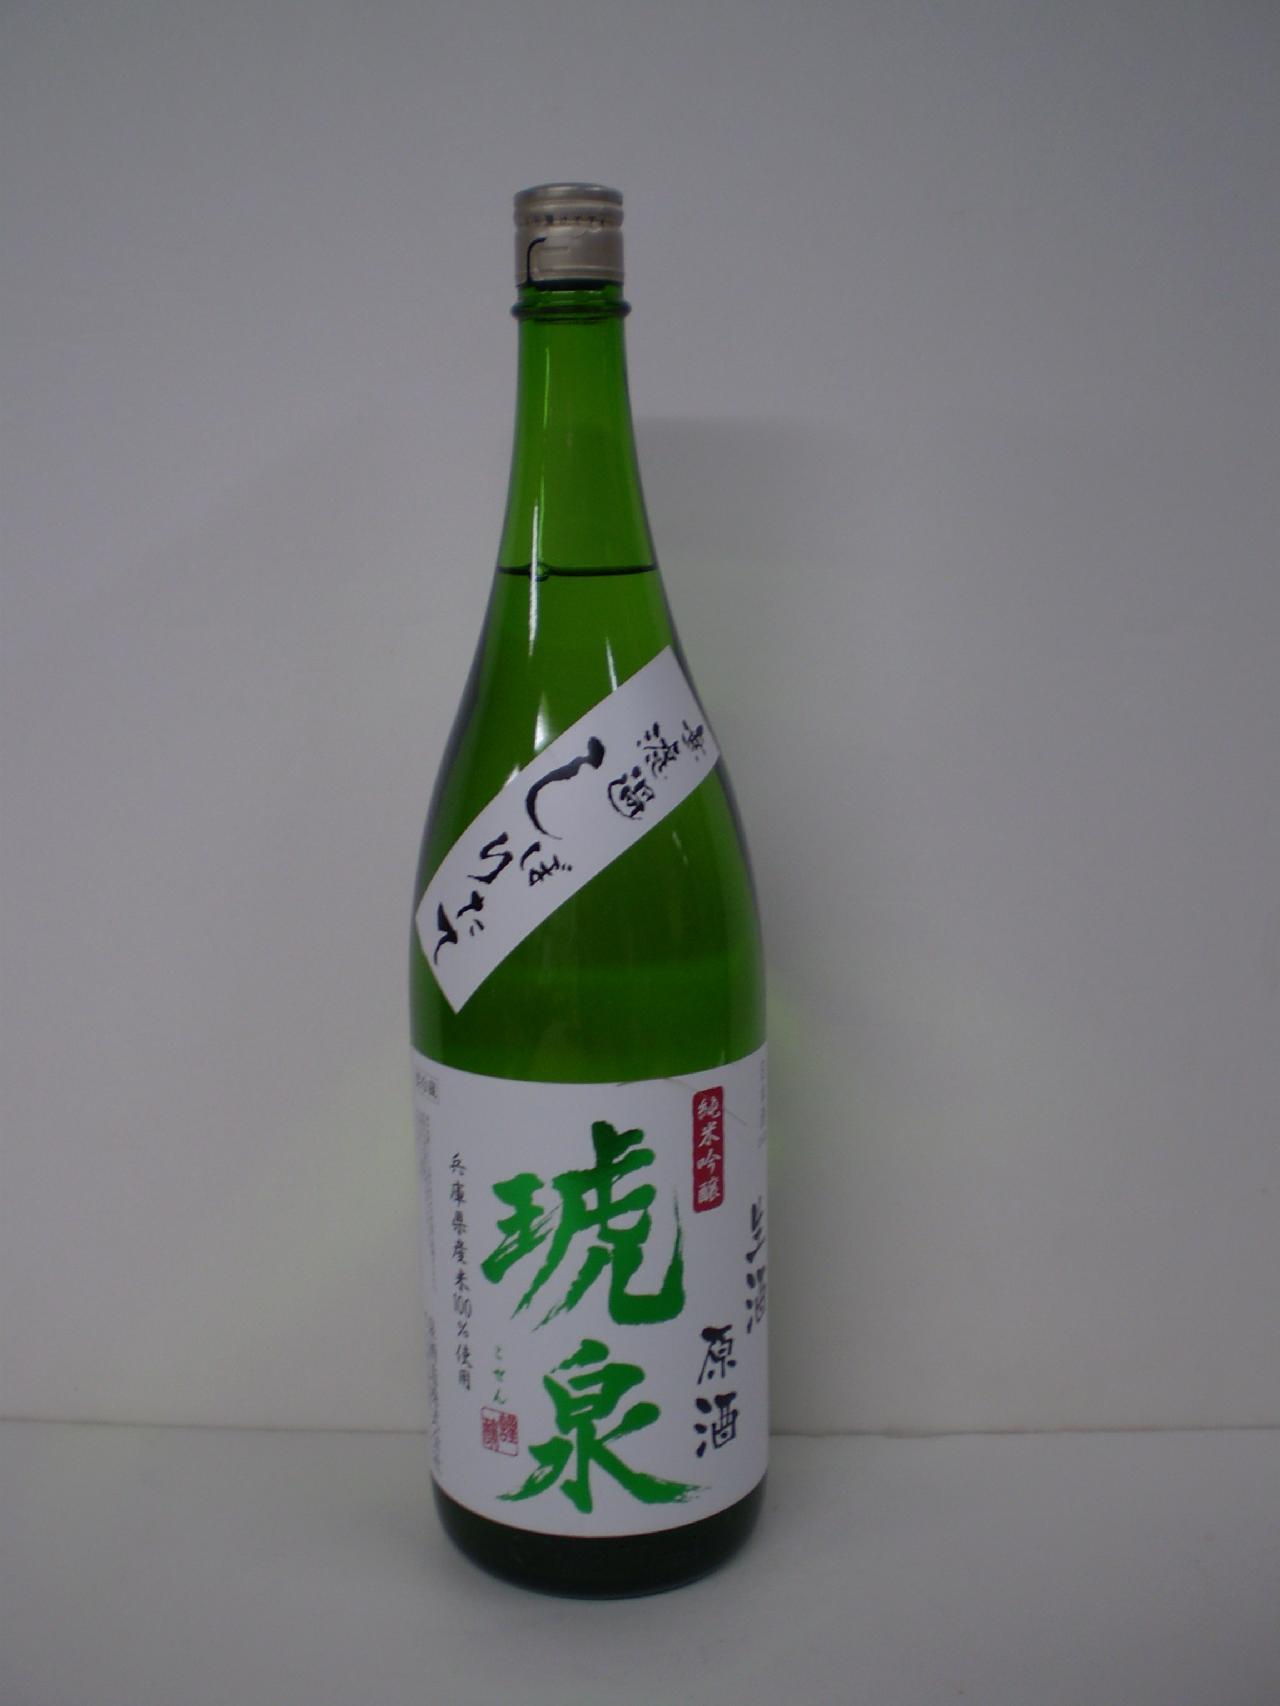 琥泉 純米吟醸生原酒 1800ml 泉酒造